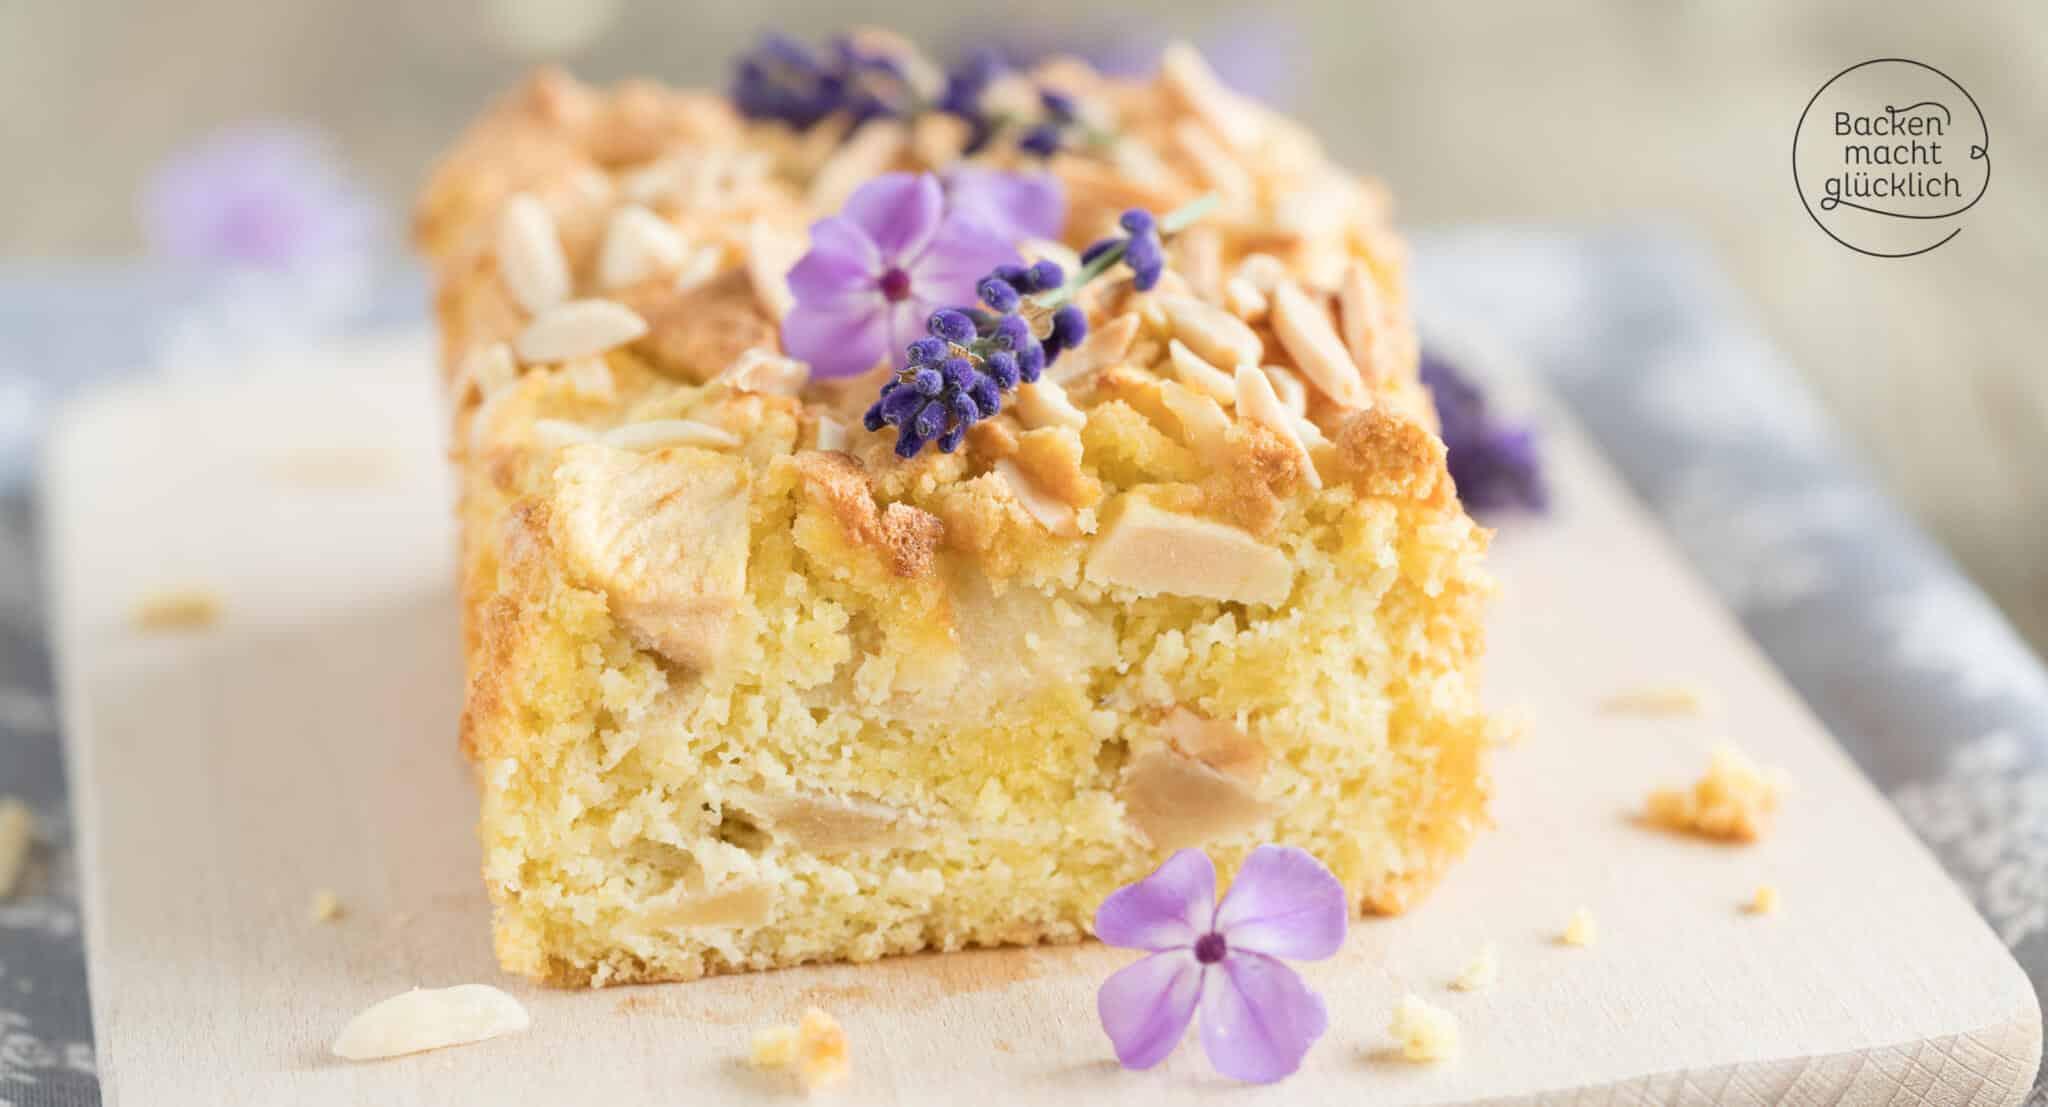 Low Carb Apfelkuchen ohne Mehl & Zucker  Backen macht glücklich